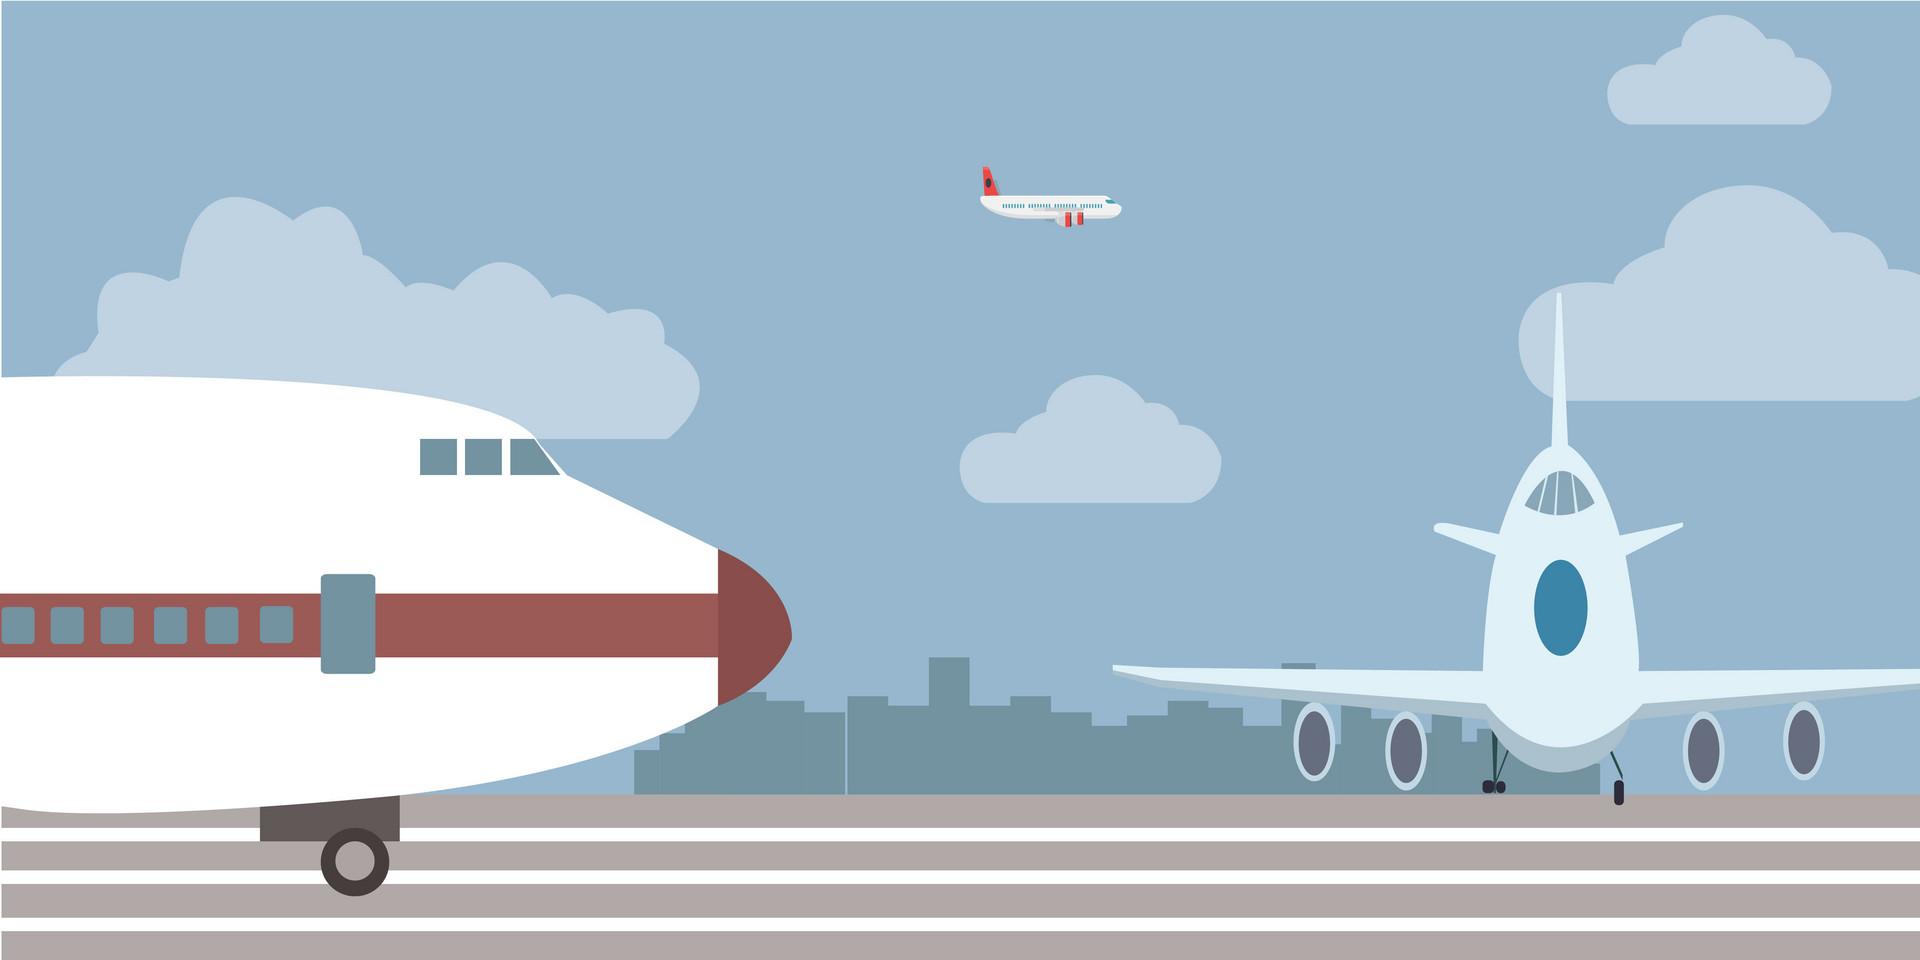 交通运输部:迎接返程高峰,严格落实交通工具通风消毒、旅客体温检测要求